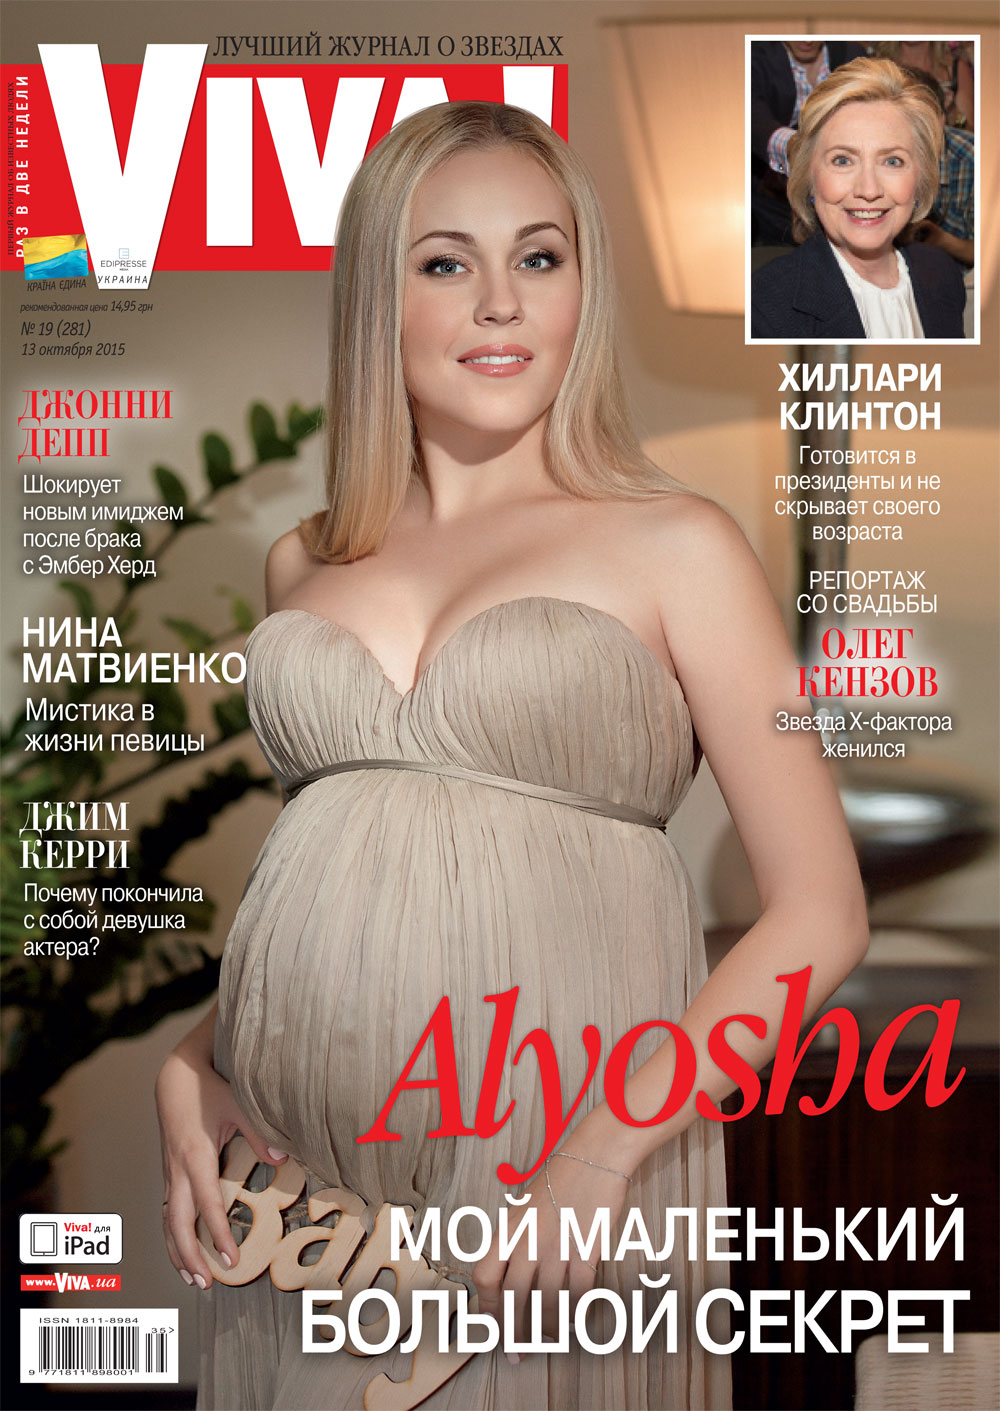 Alyosha снова беременна! Певица родит второго сына